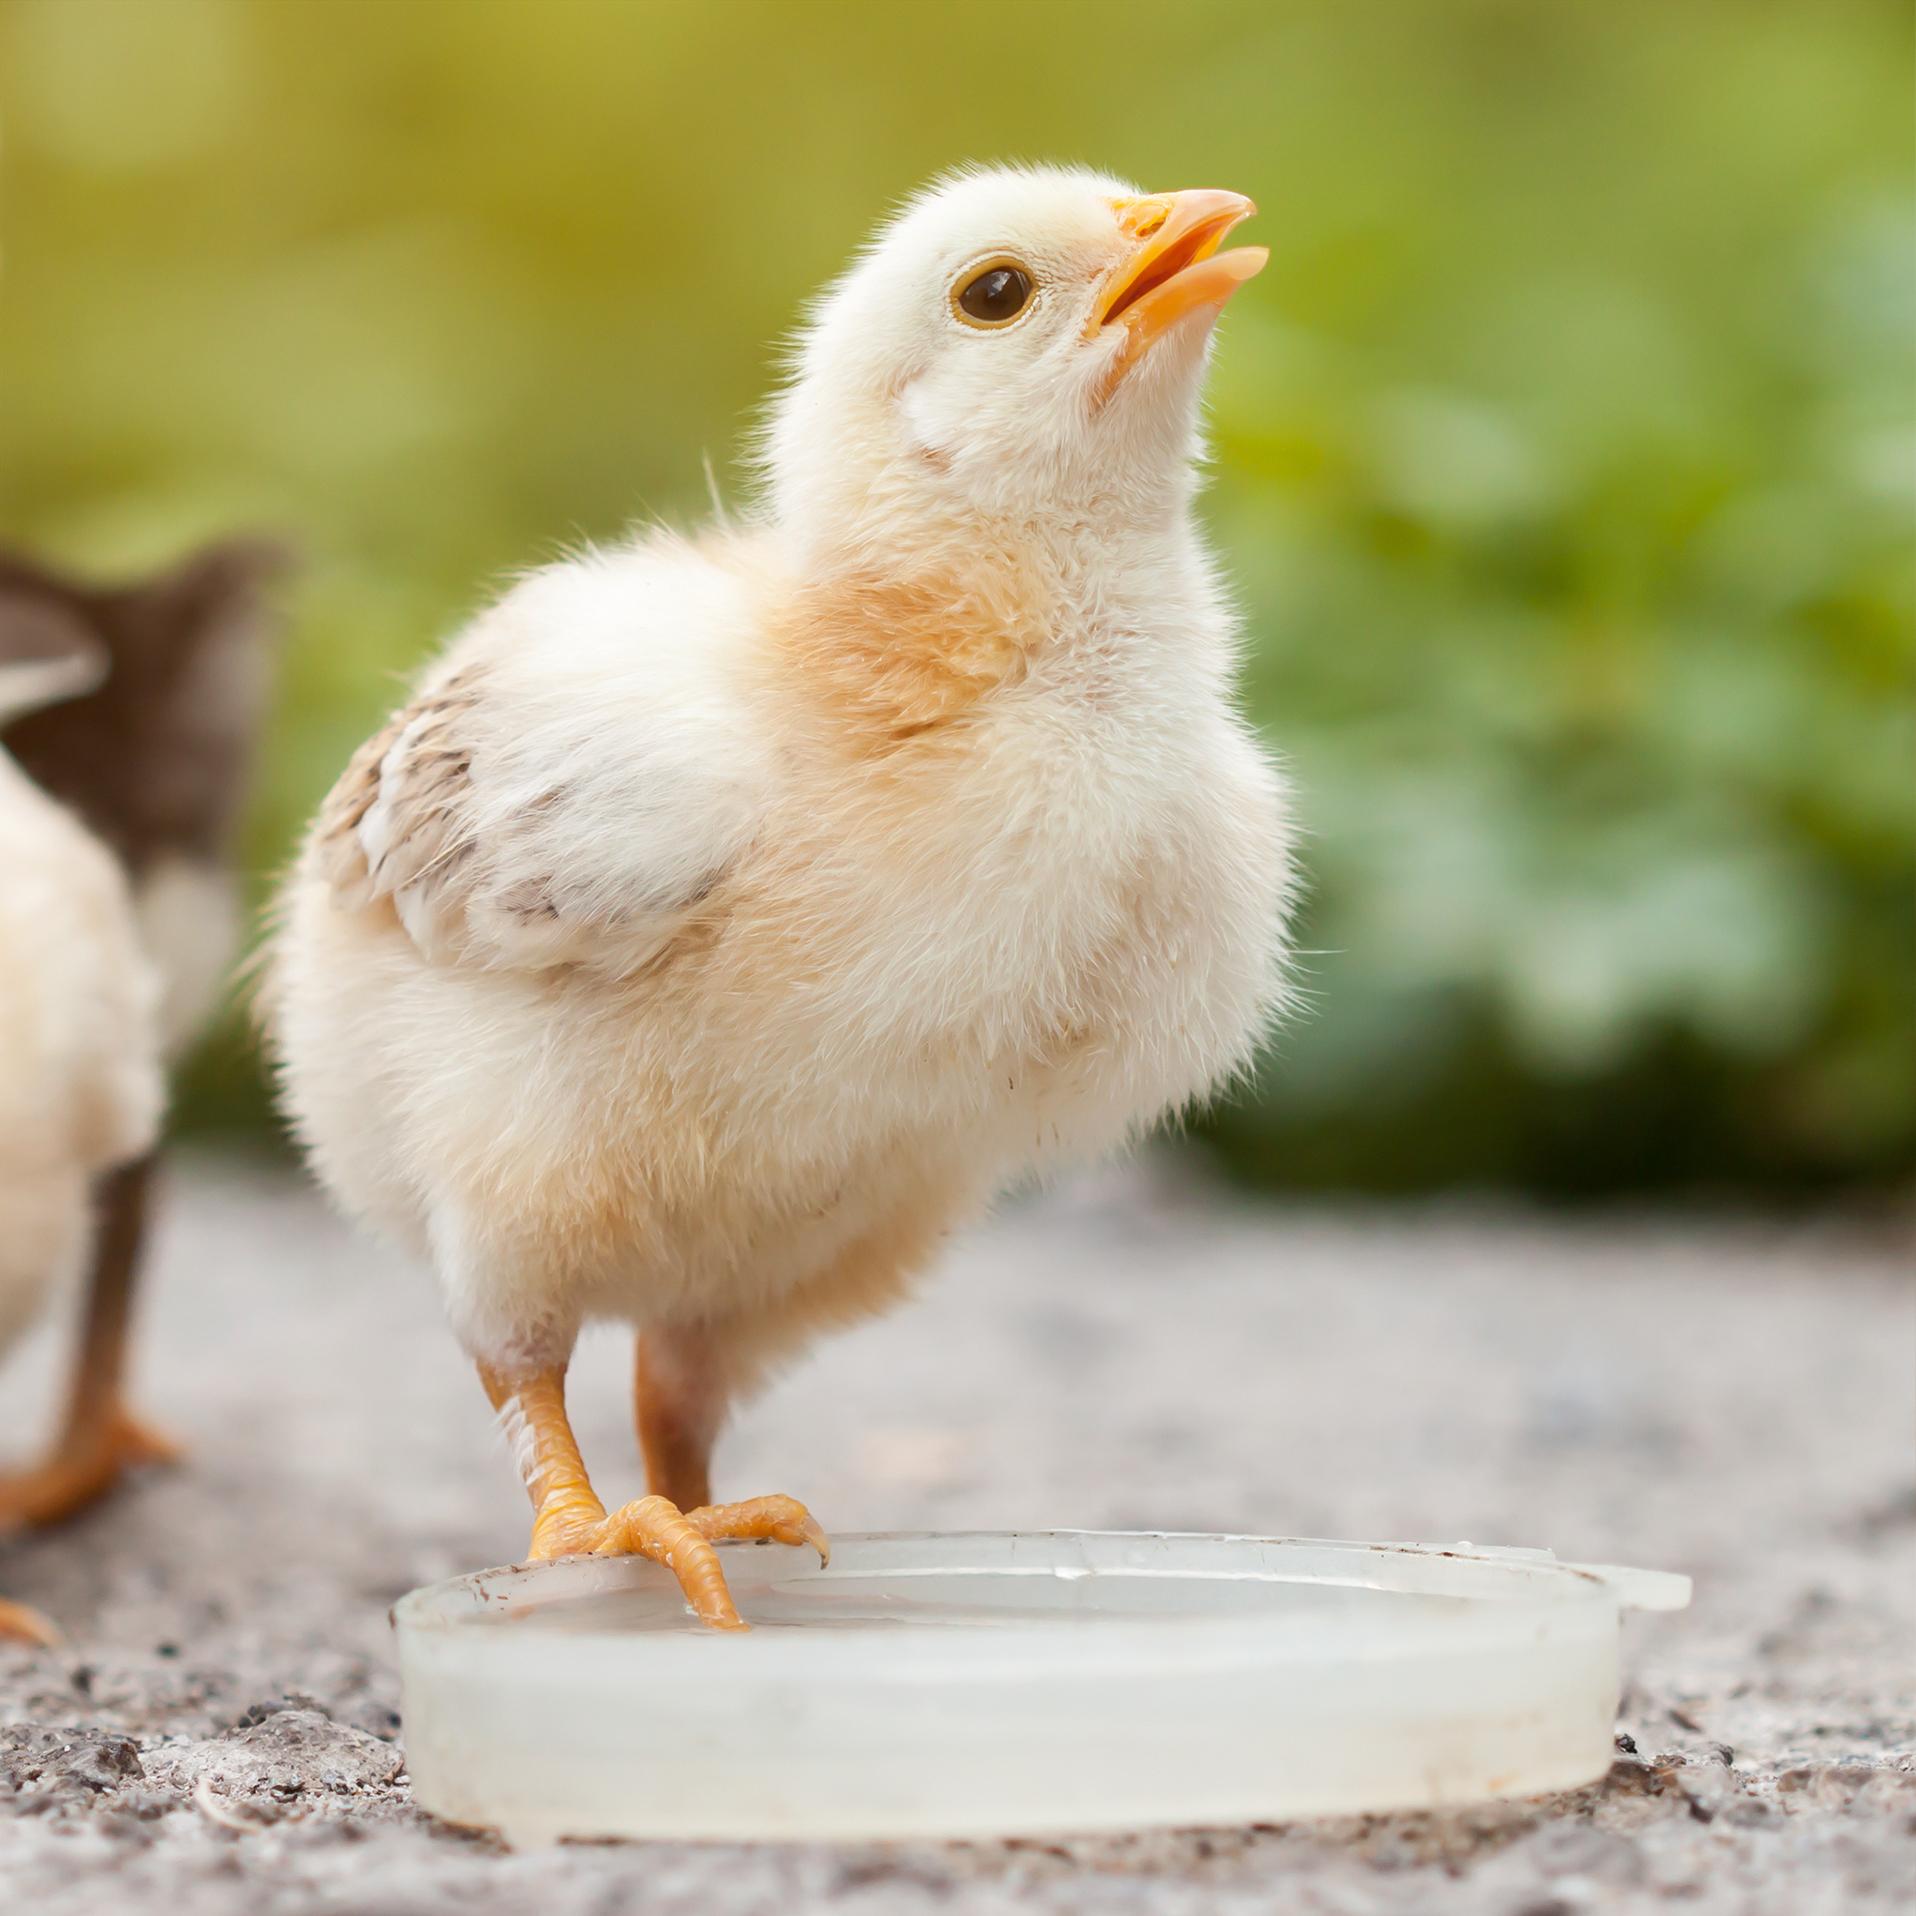 Küken Booster - optimale Küken Aufzucht - essenzielle Hühner Vitamine - Ida Plus